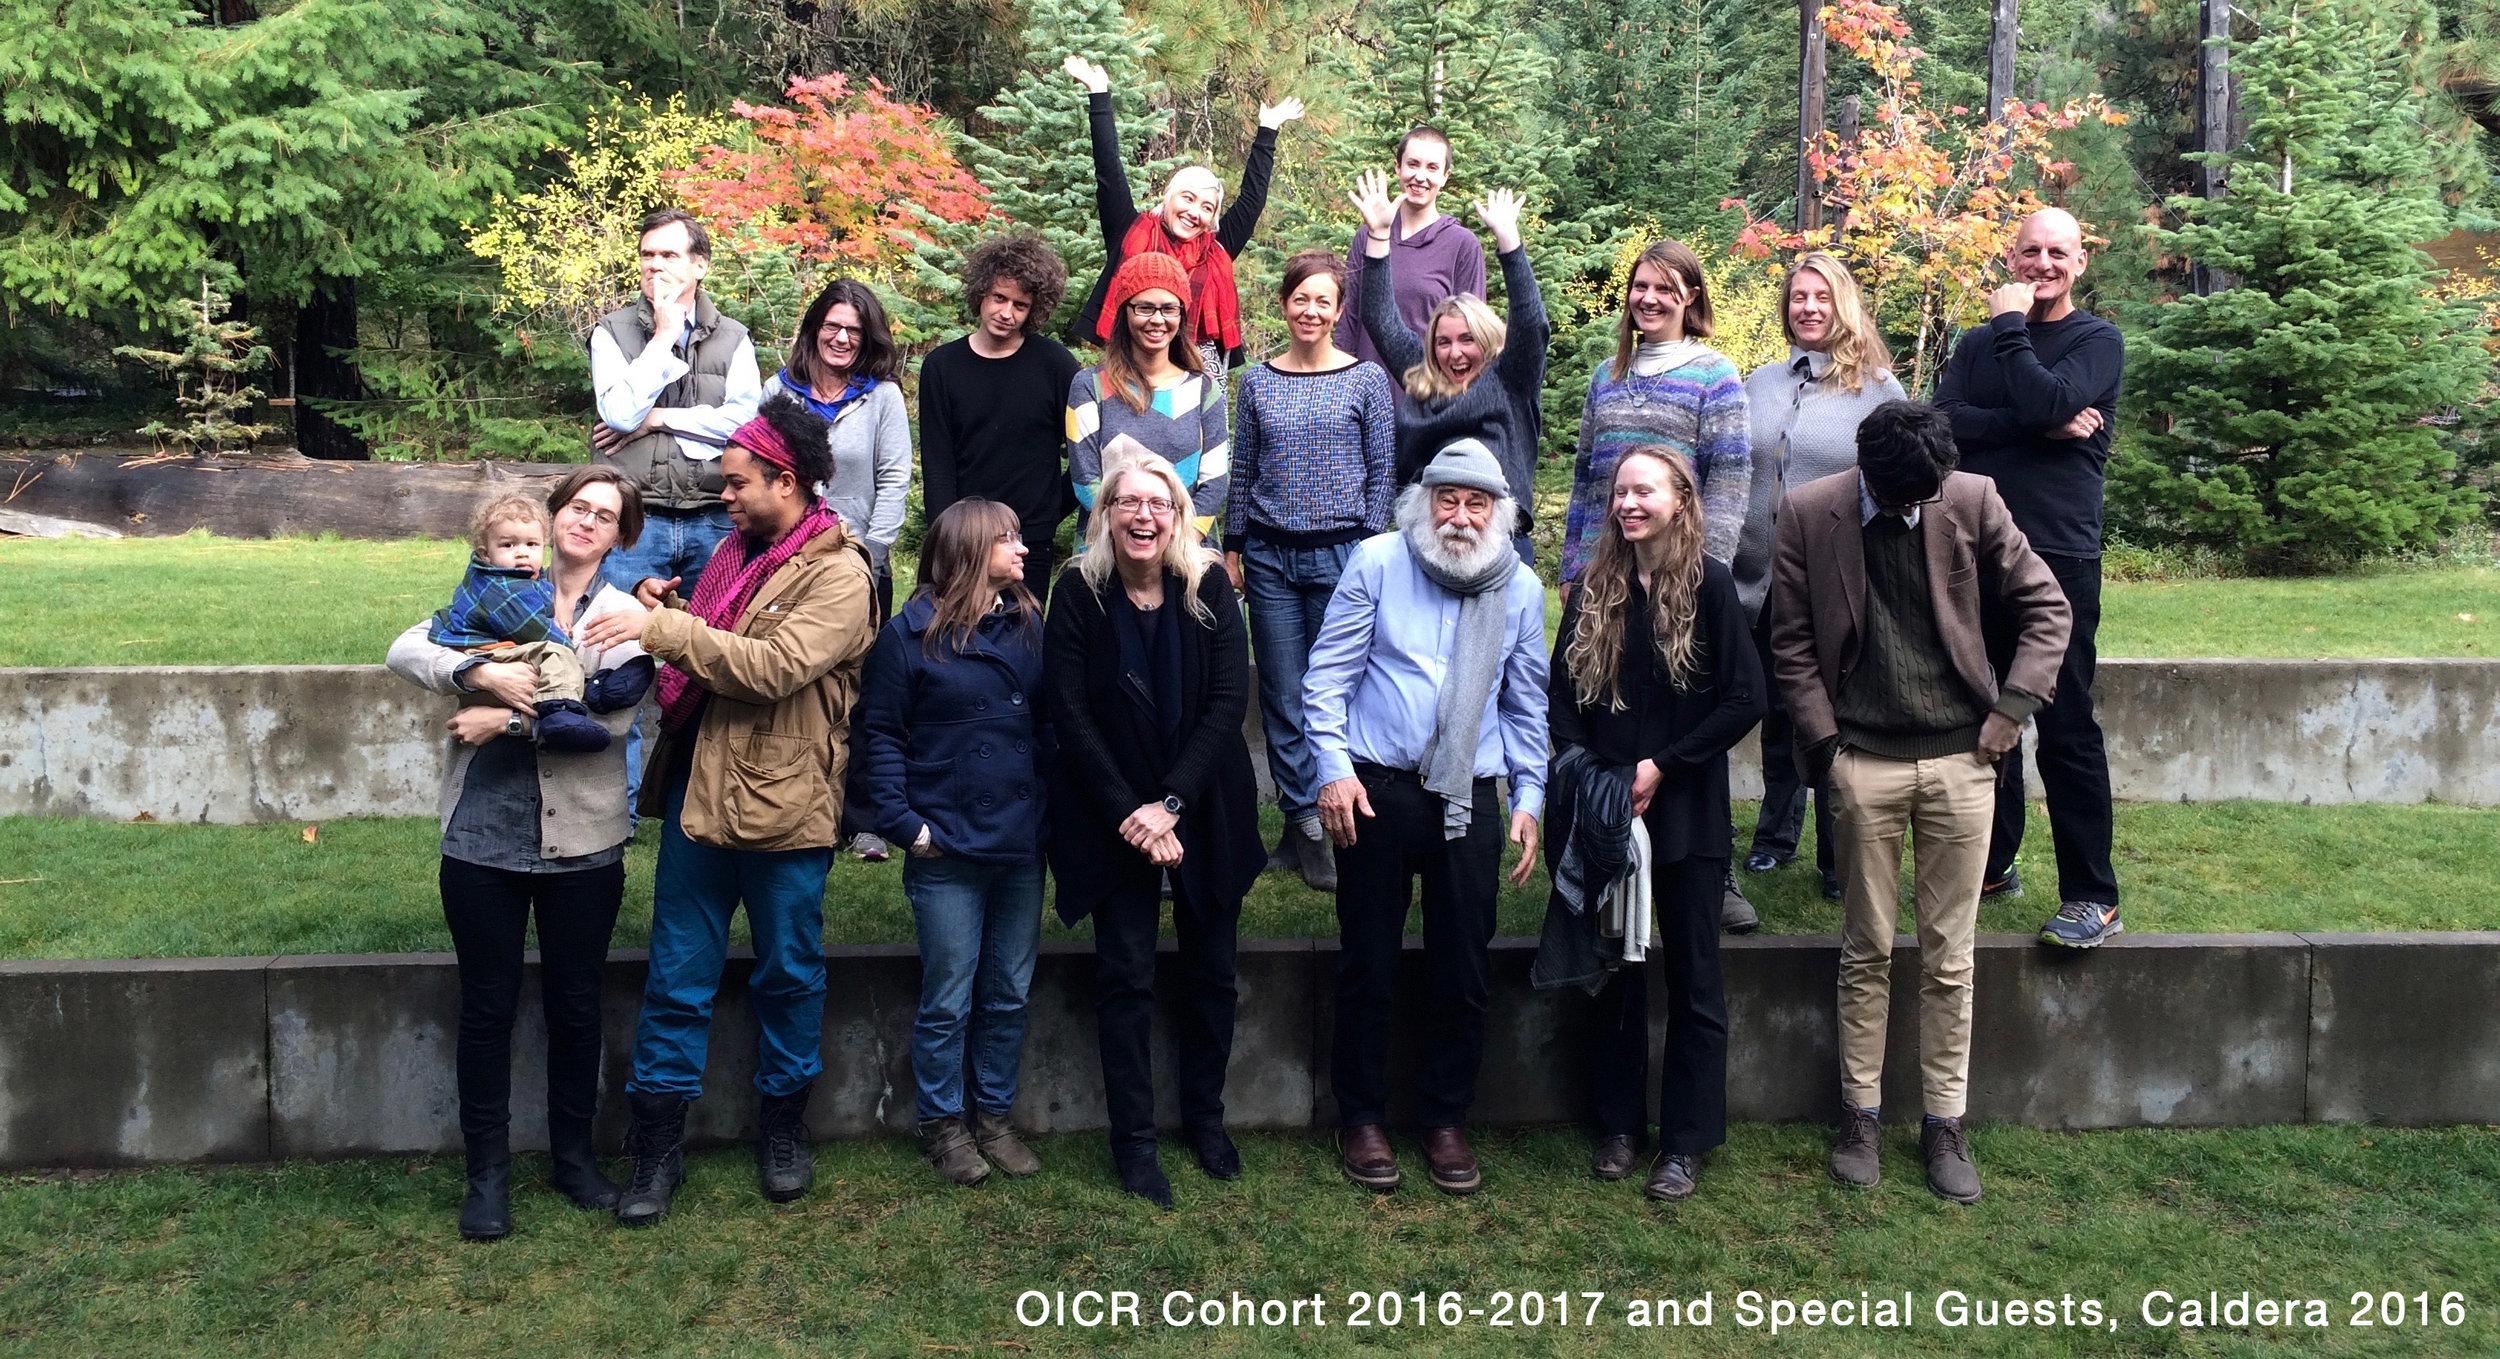 OICR Cohort 2016-2017 and Special Guests, Caldera 2016